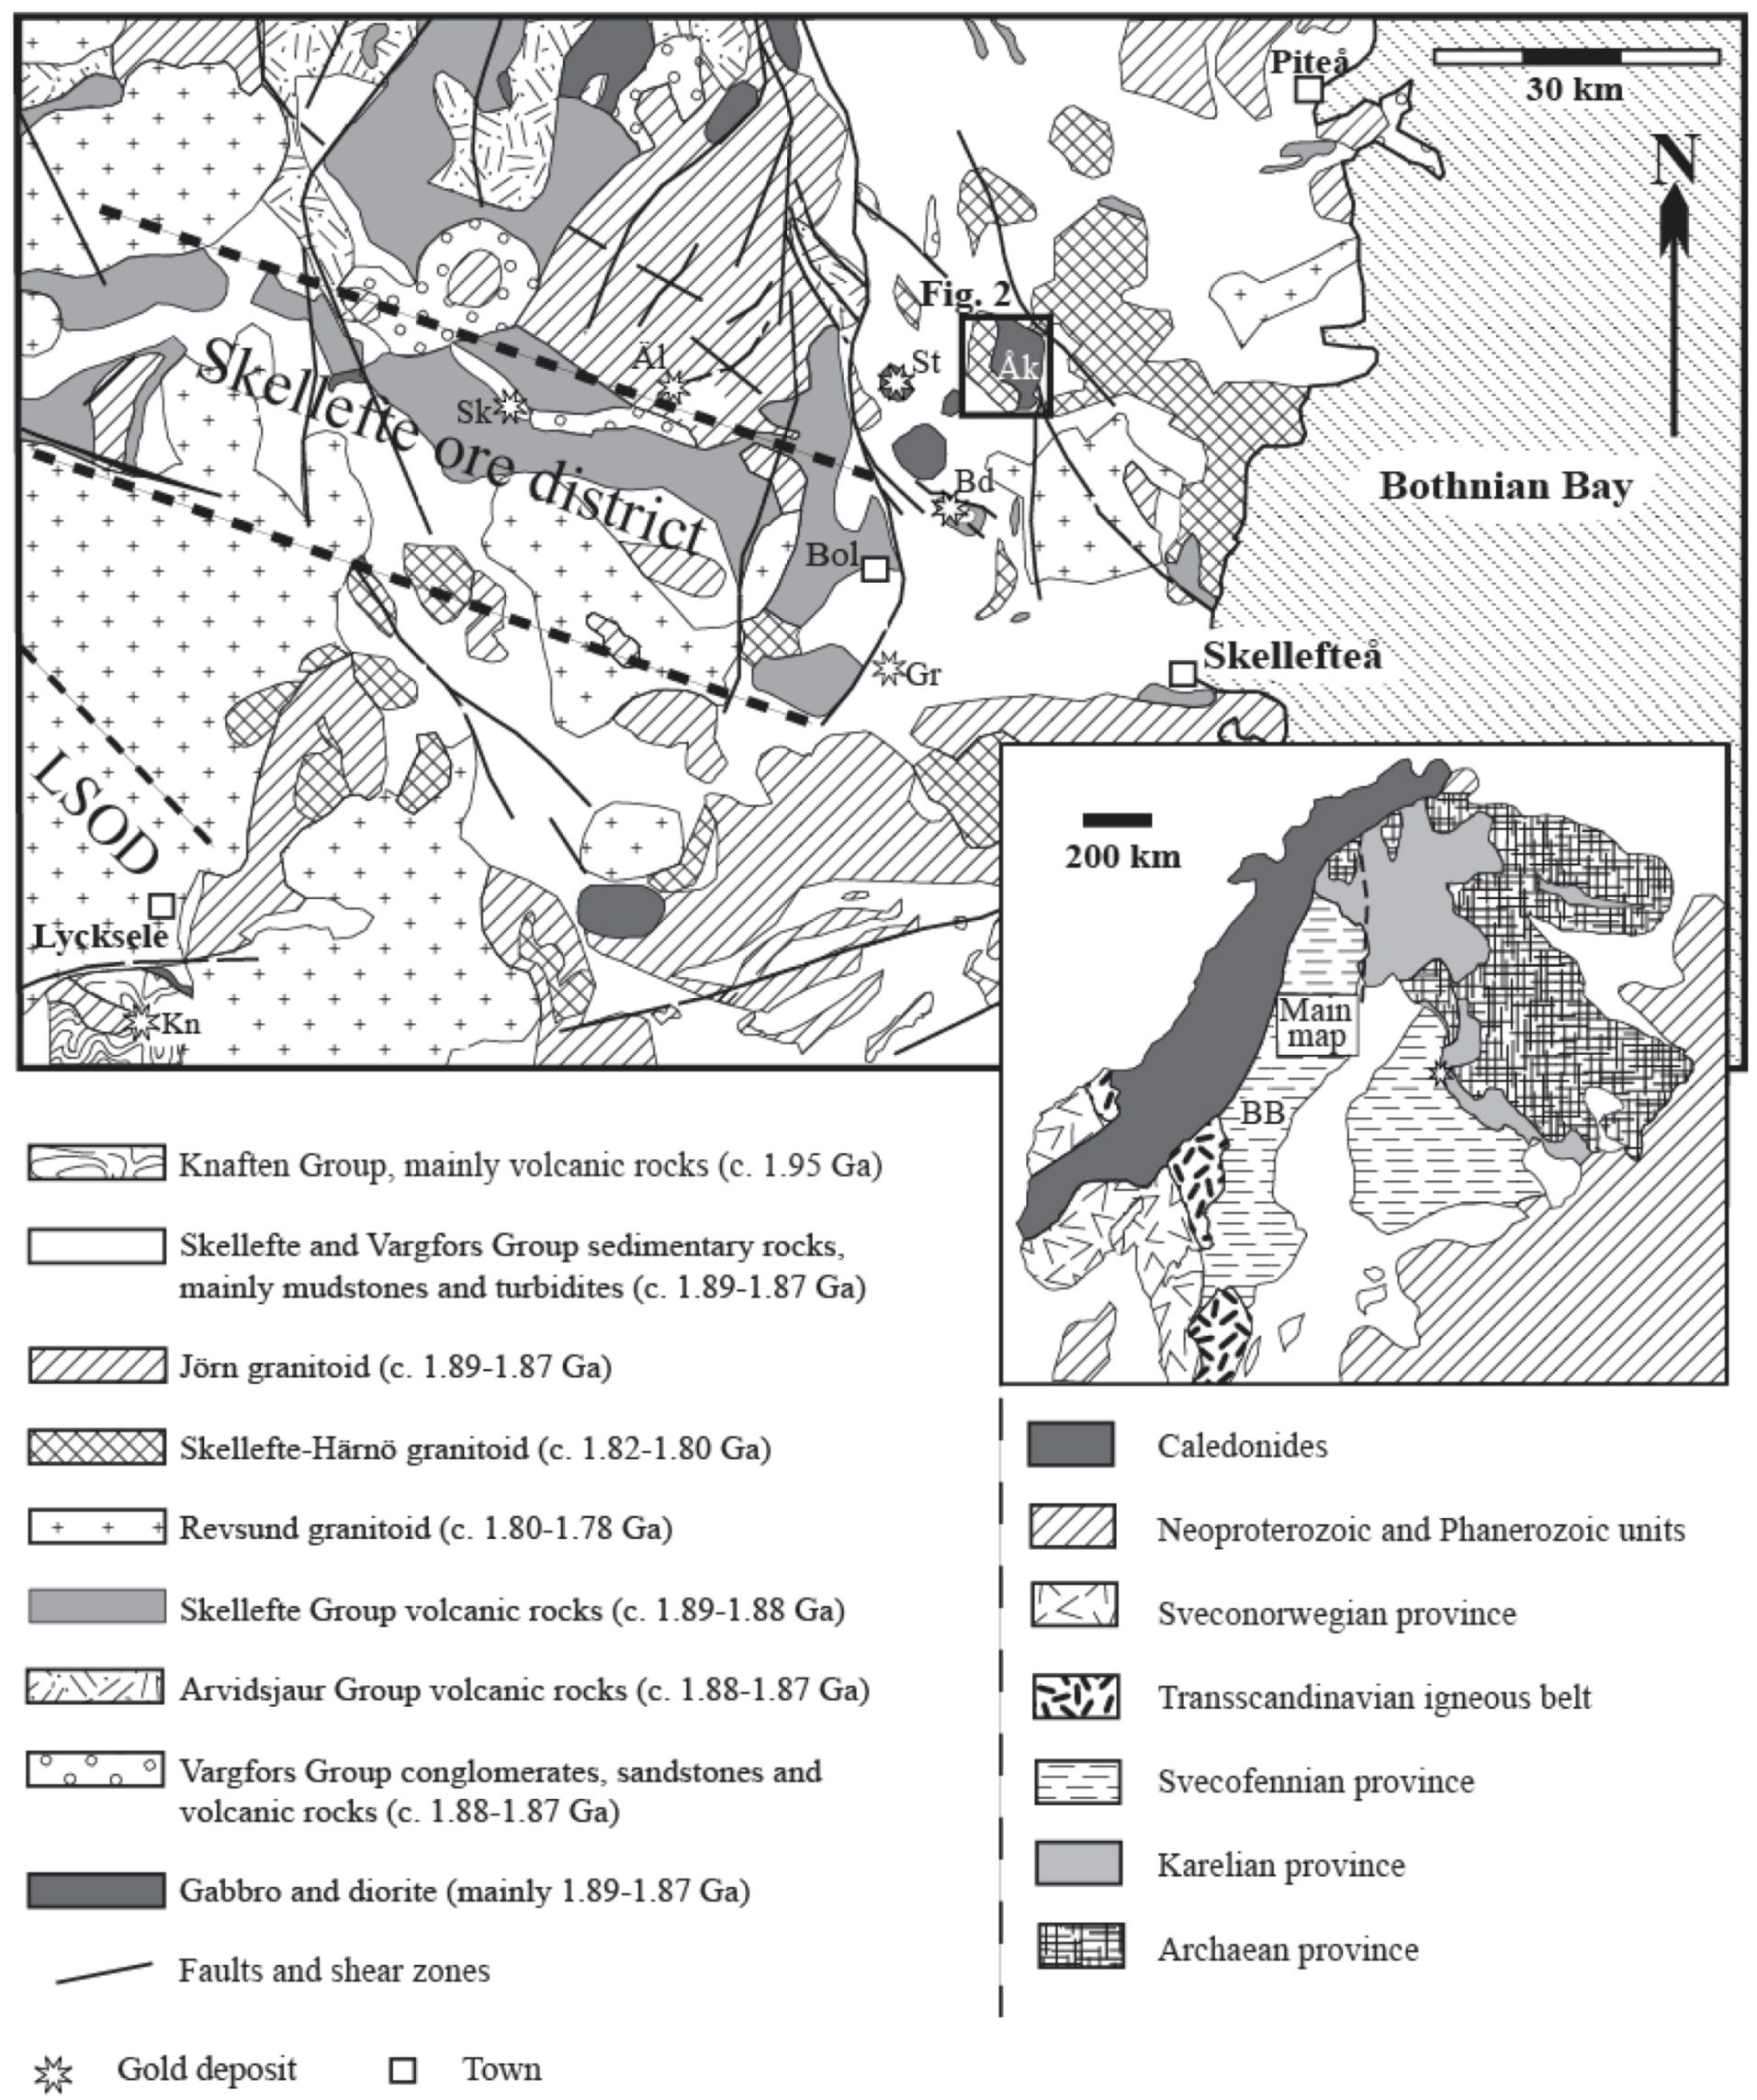 (Vsterbotten) mineralogiska och petrografiska karaktr